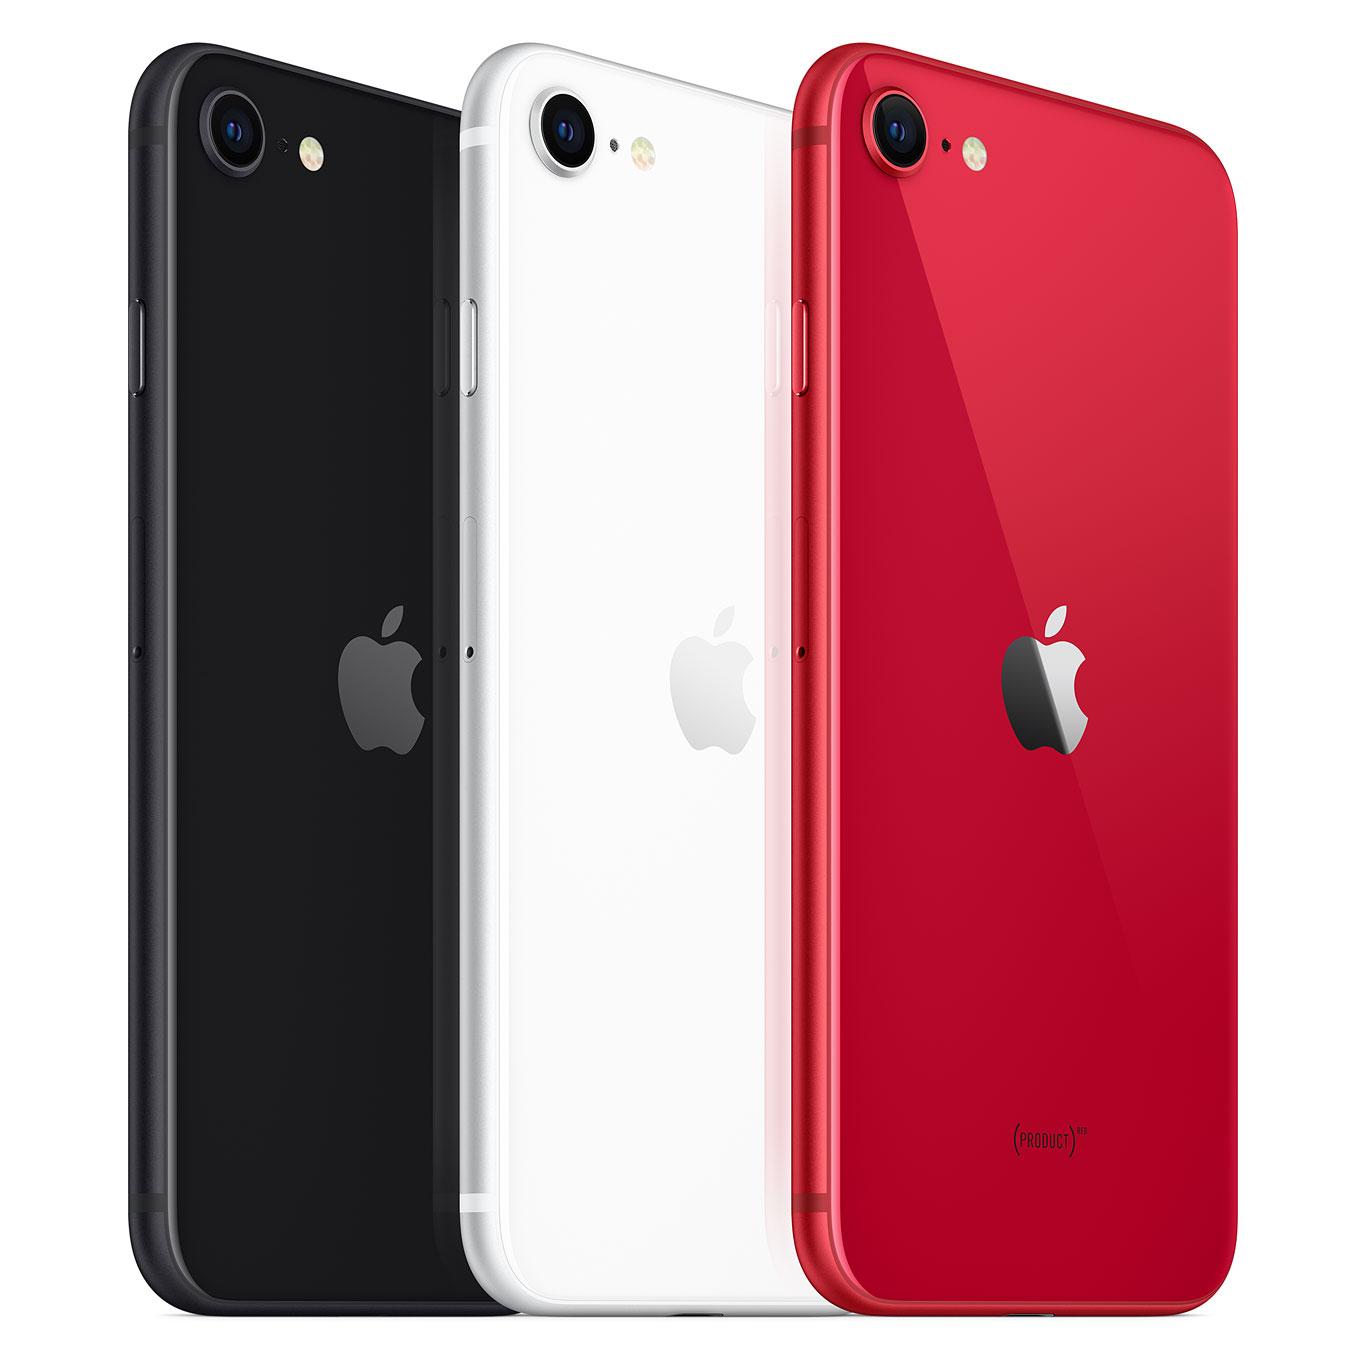 新iPhoneSE、ディスプレイはJDIが単独供給